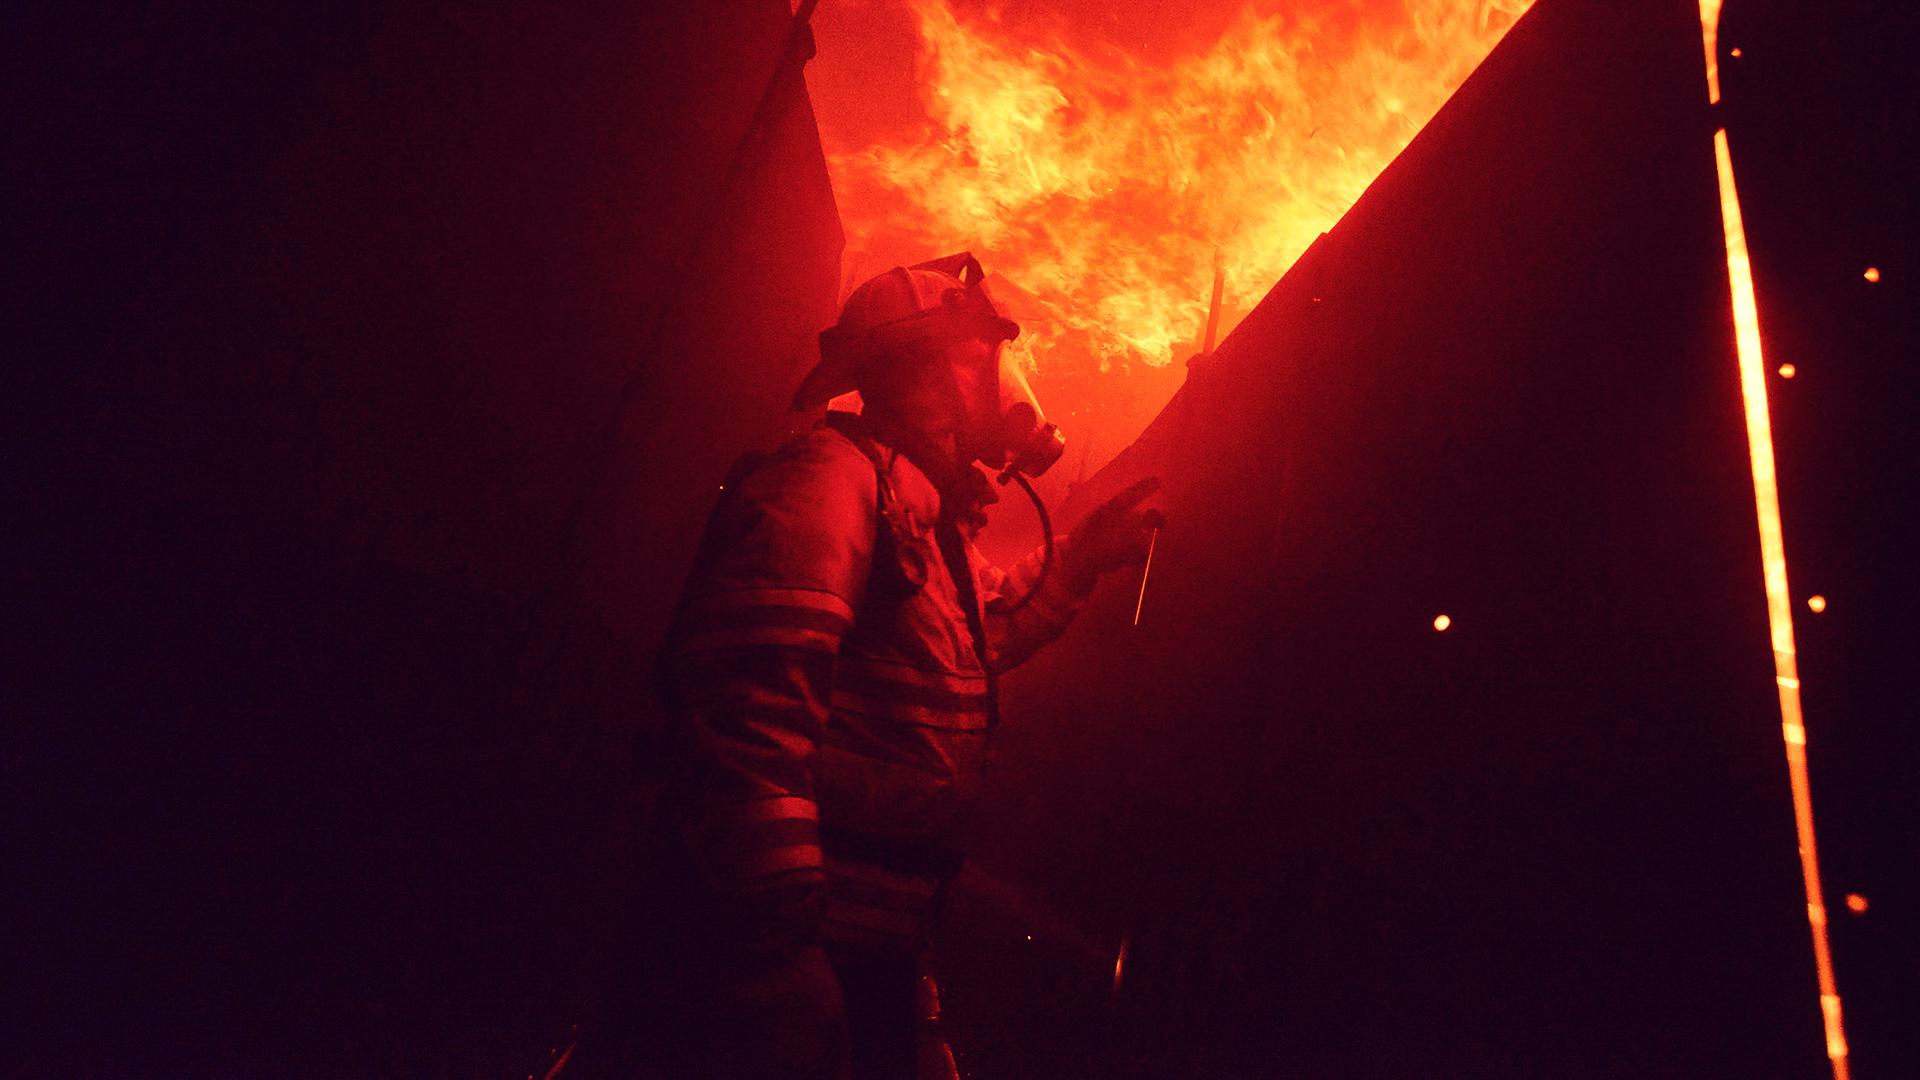 cool firefighter wallpaper wallpapersafari fire dept logo design fire dept logos free